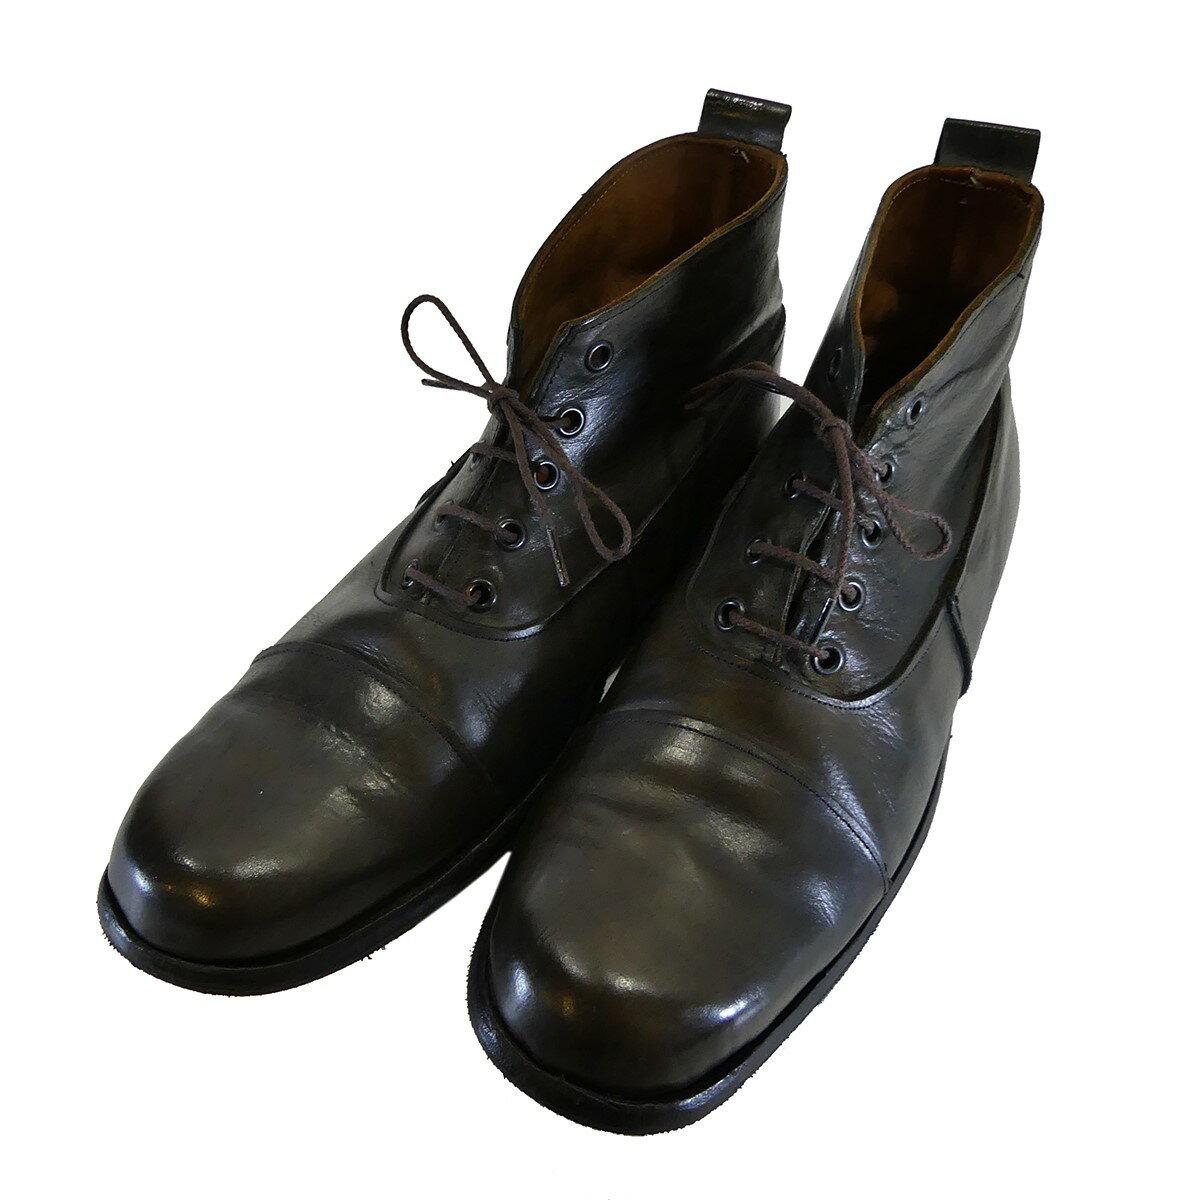 ブーツ, その他 PAUL HARNDEN 75(260cm) 080320